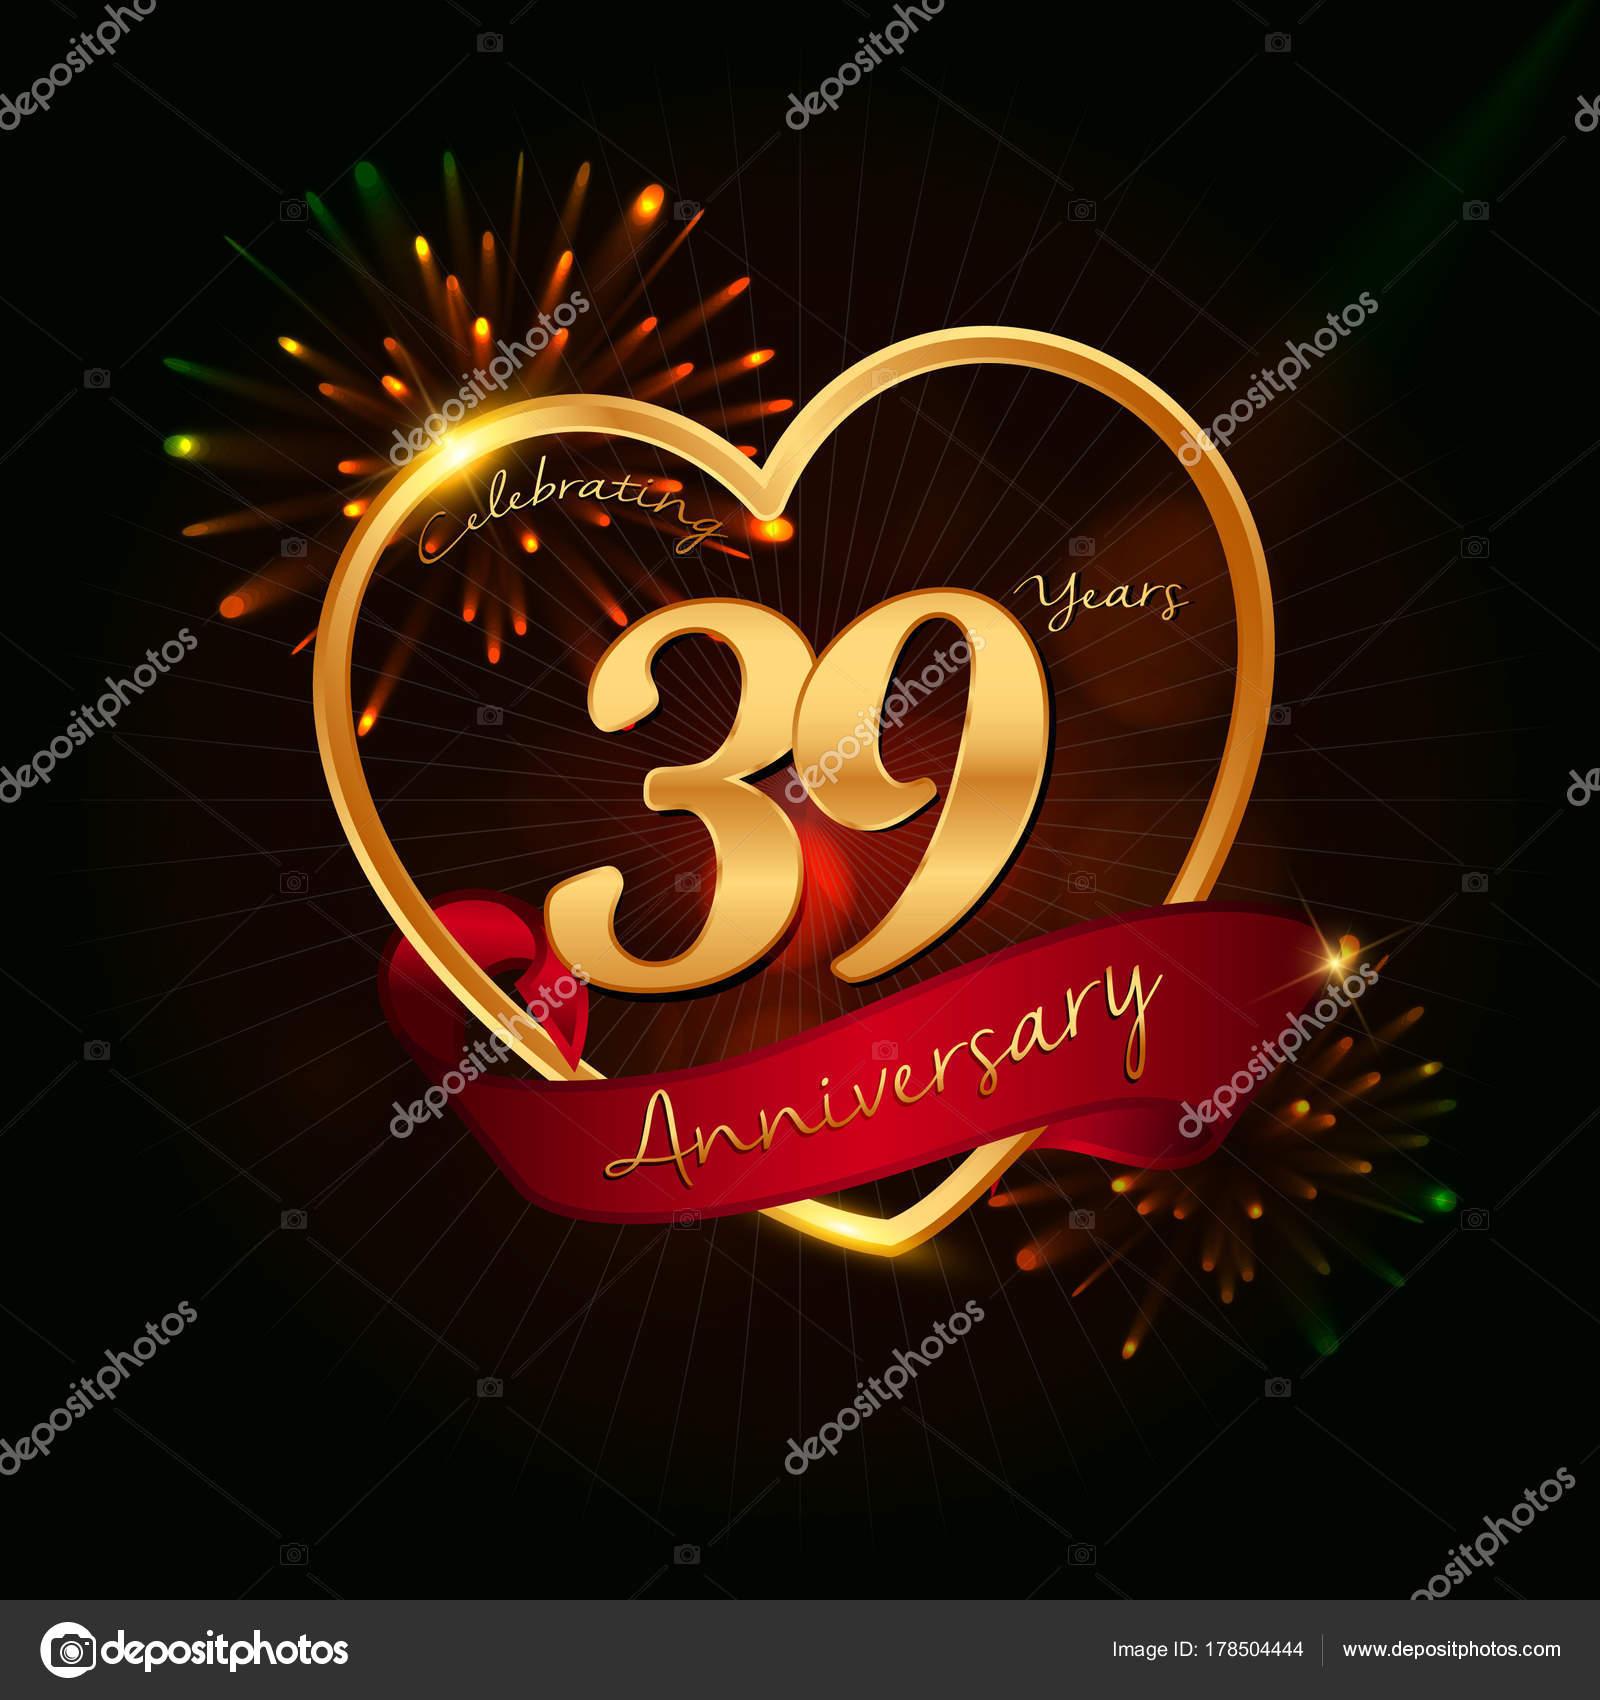 Anniversario Matrimonio 32 Anni.39 Years Anniversary Logo Stock Vector C Seklihermantaputra